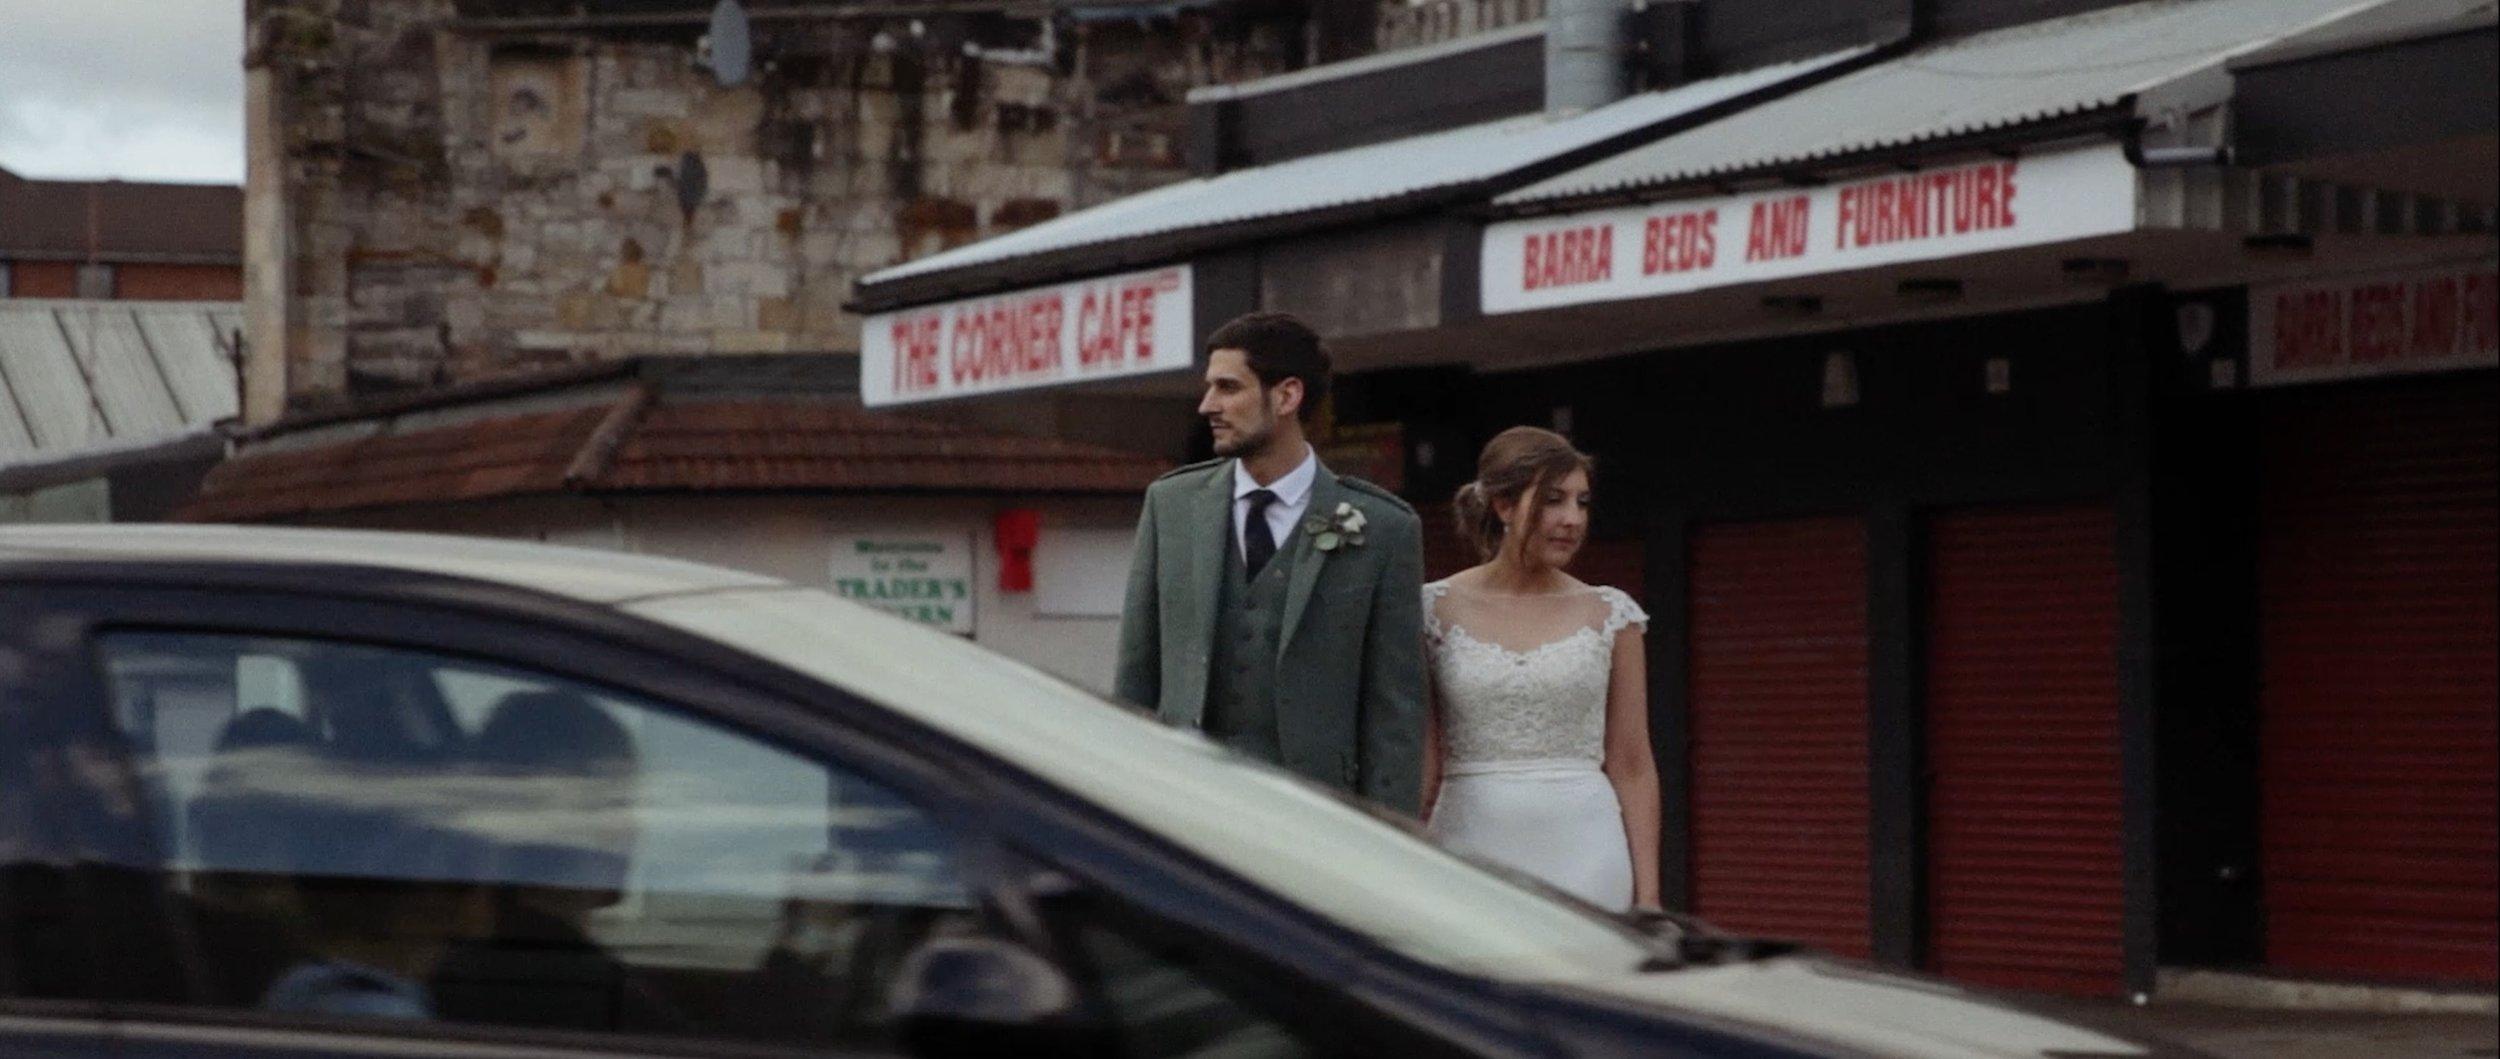 riddles-court-wedding-videographer_LL_05.jpg